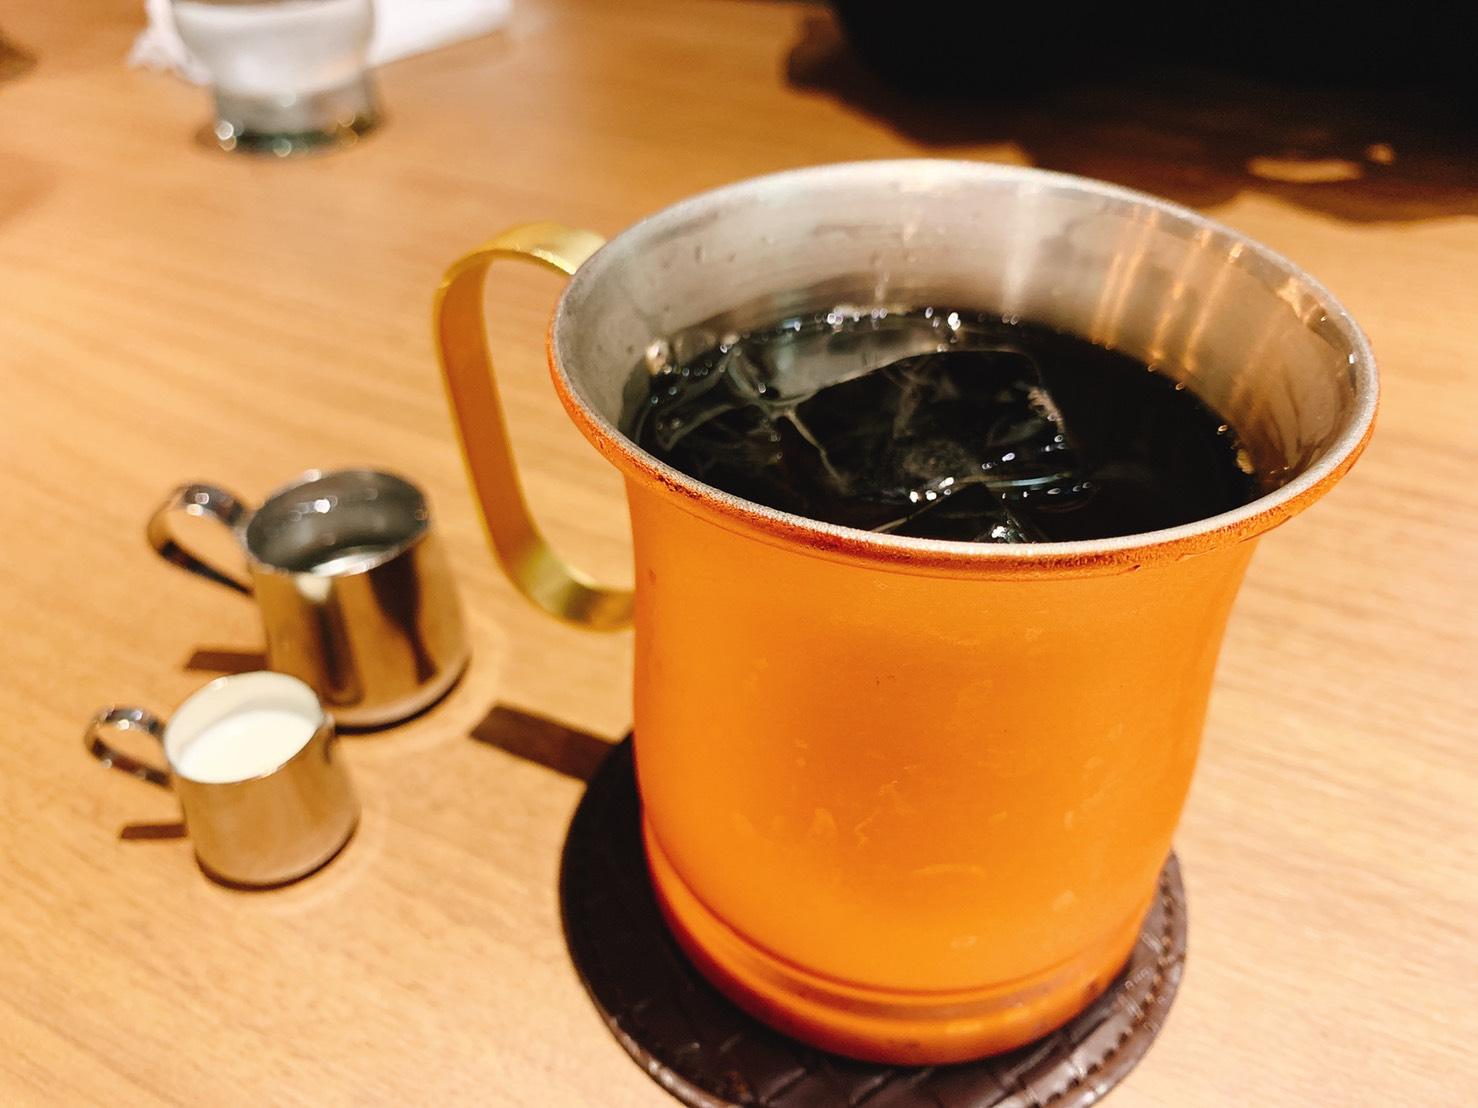 星野珈琲 イオンモール伊都店 アイスコーヒー